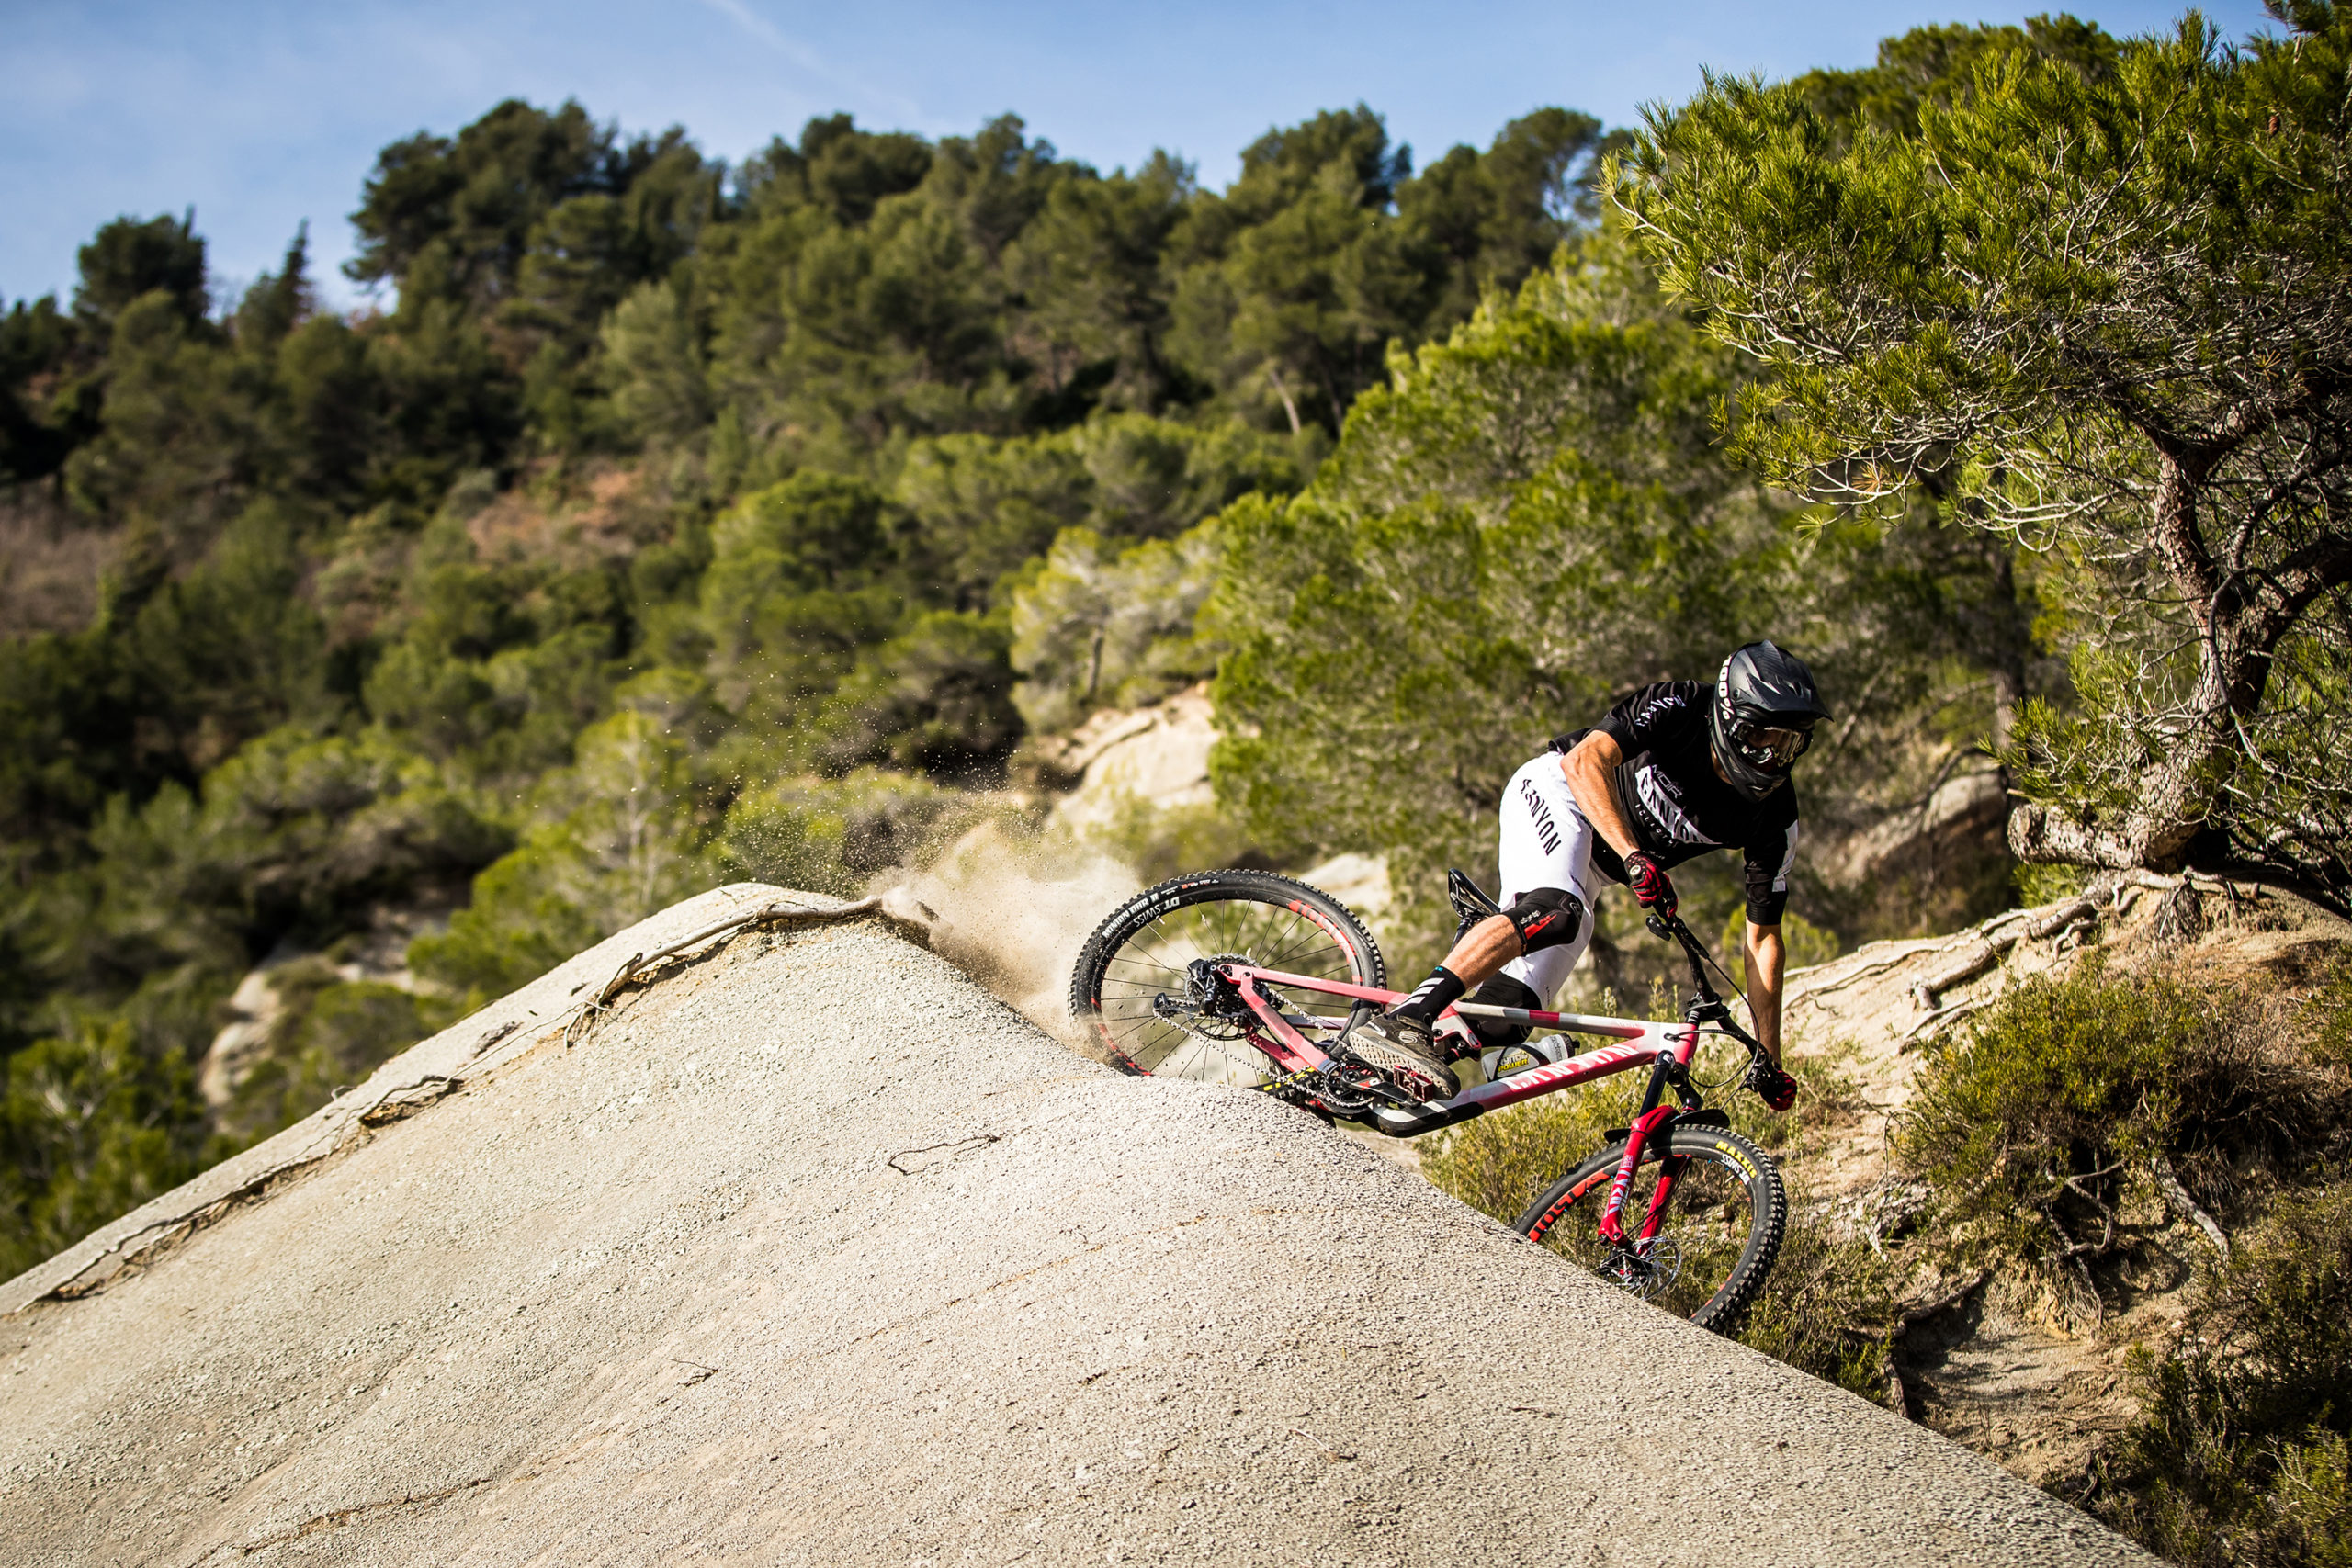 Jack Moir Canyon